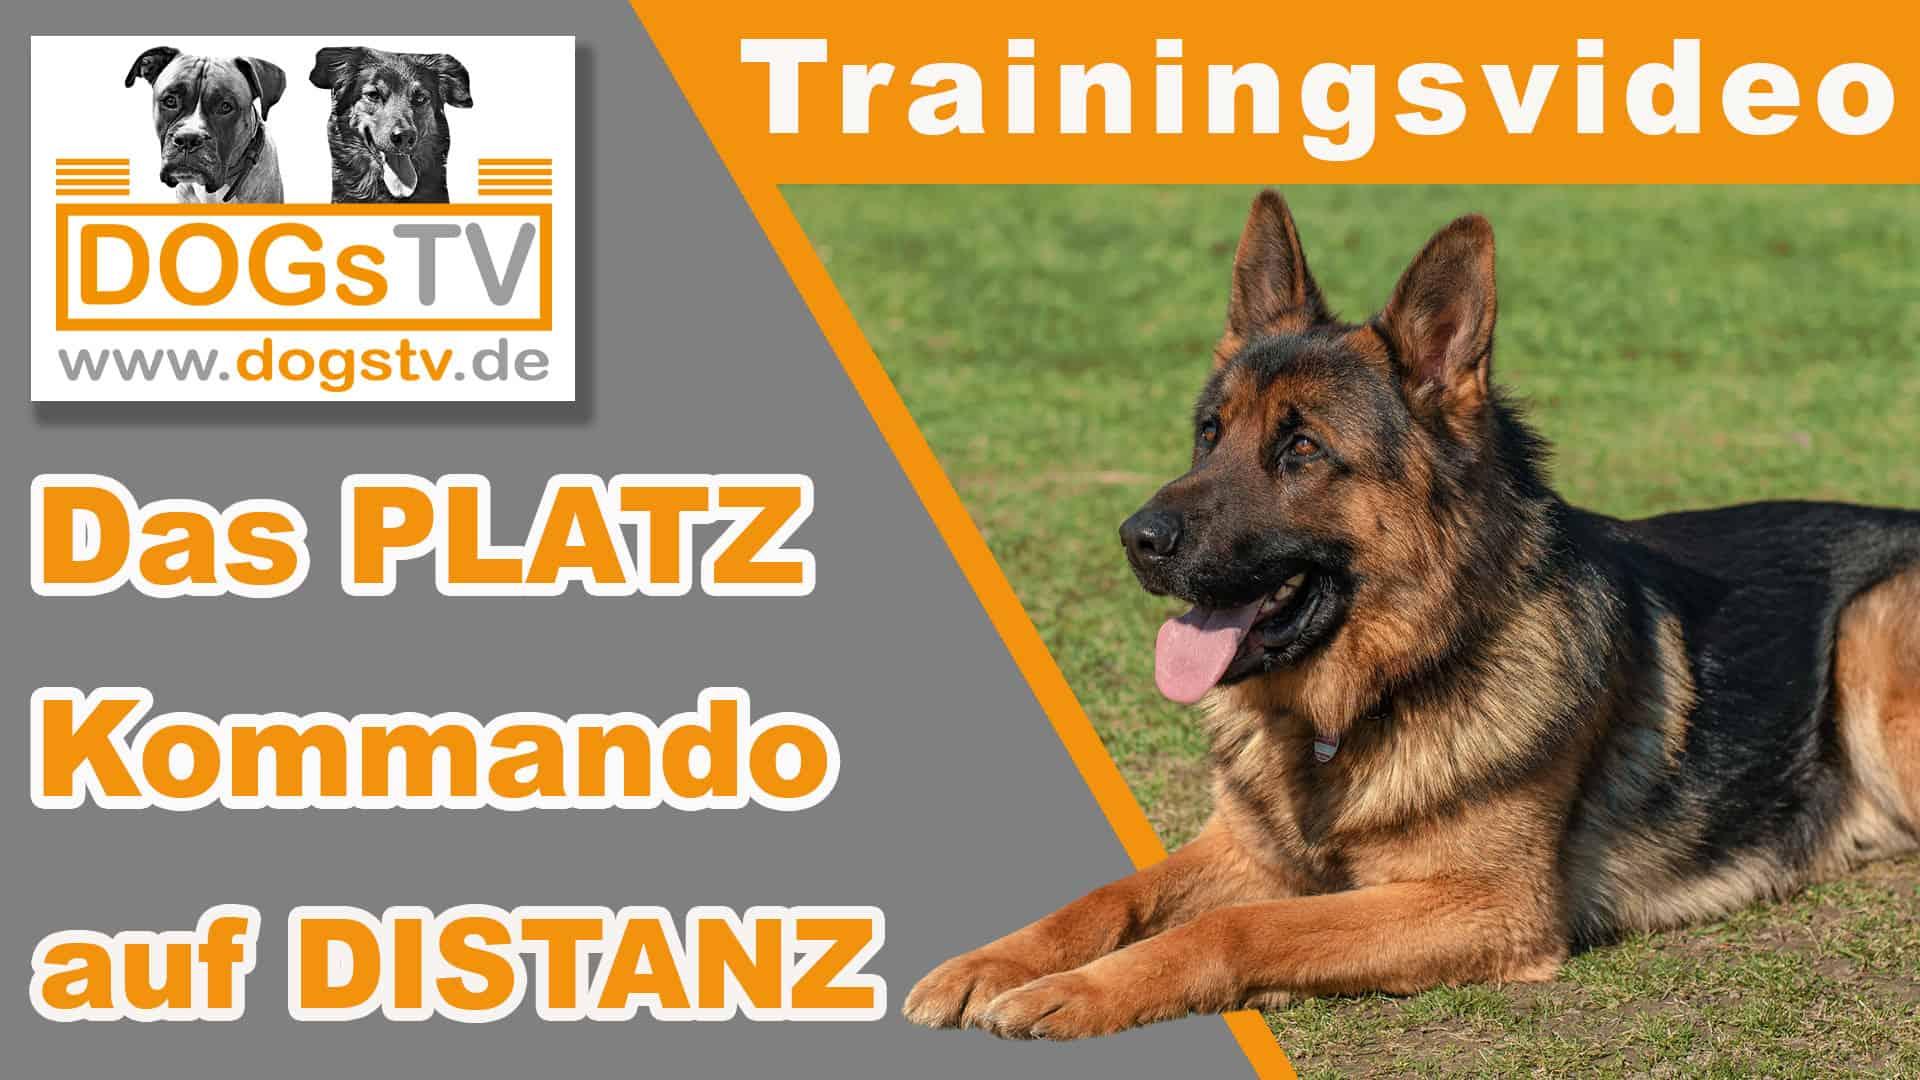 platz auf distanz hund beibringen dogstv